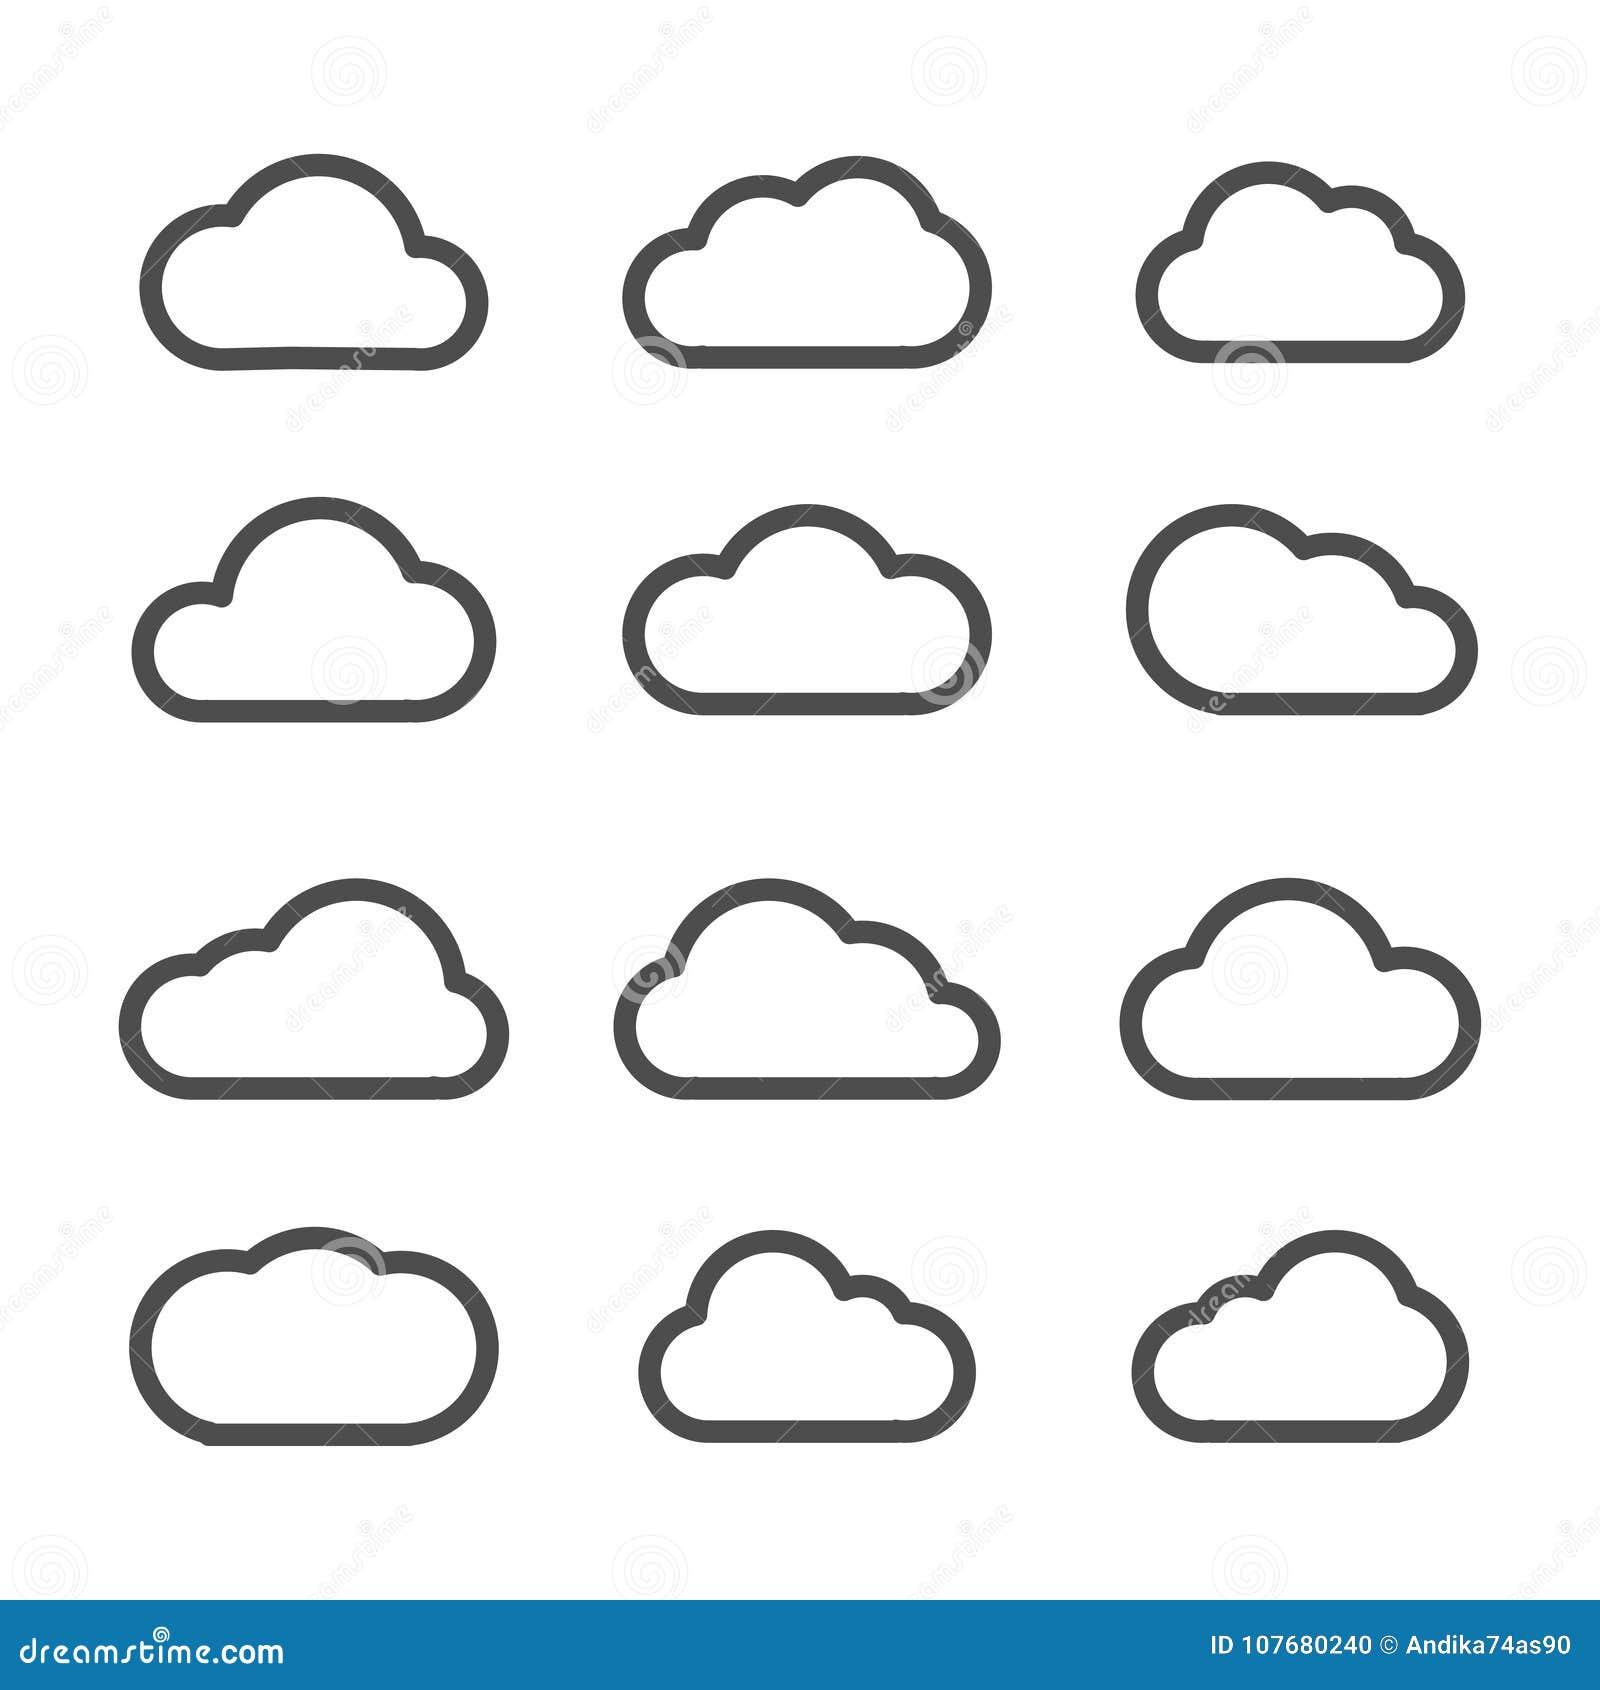 Vlakke de lijn vastgestelde zwarte van wolkenpictogrammen op witte achtergrond